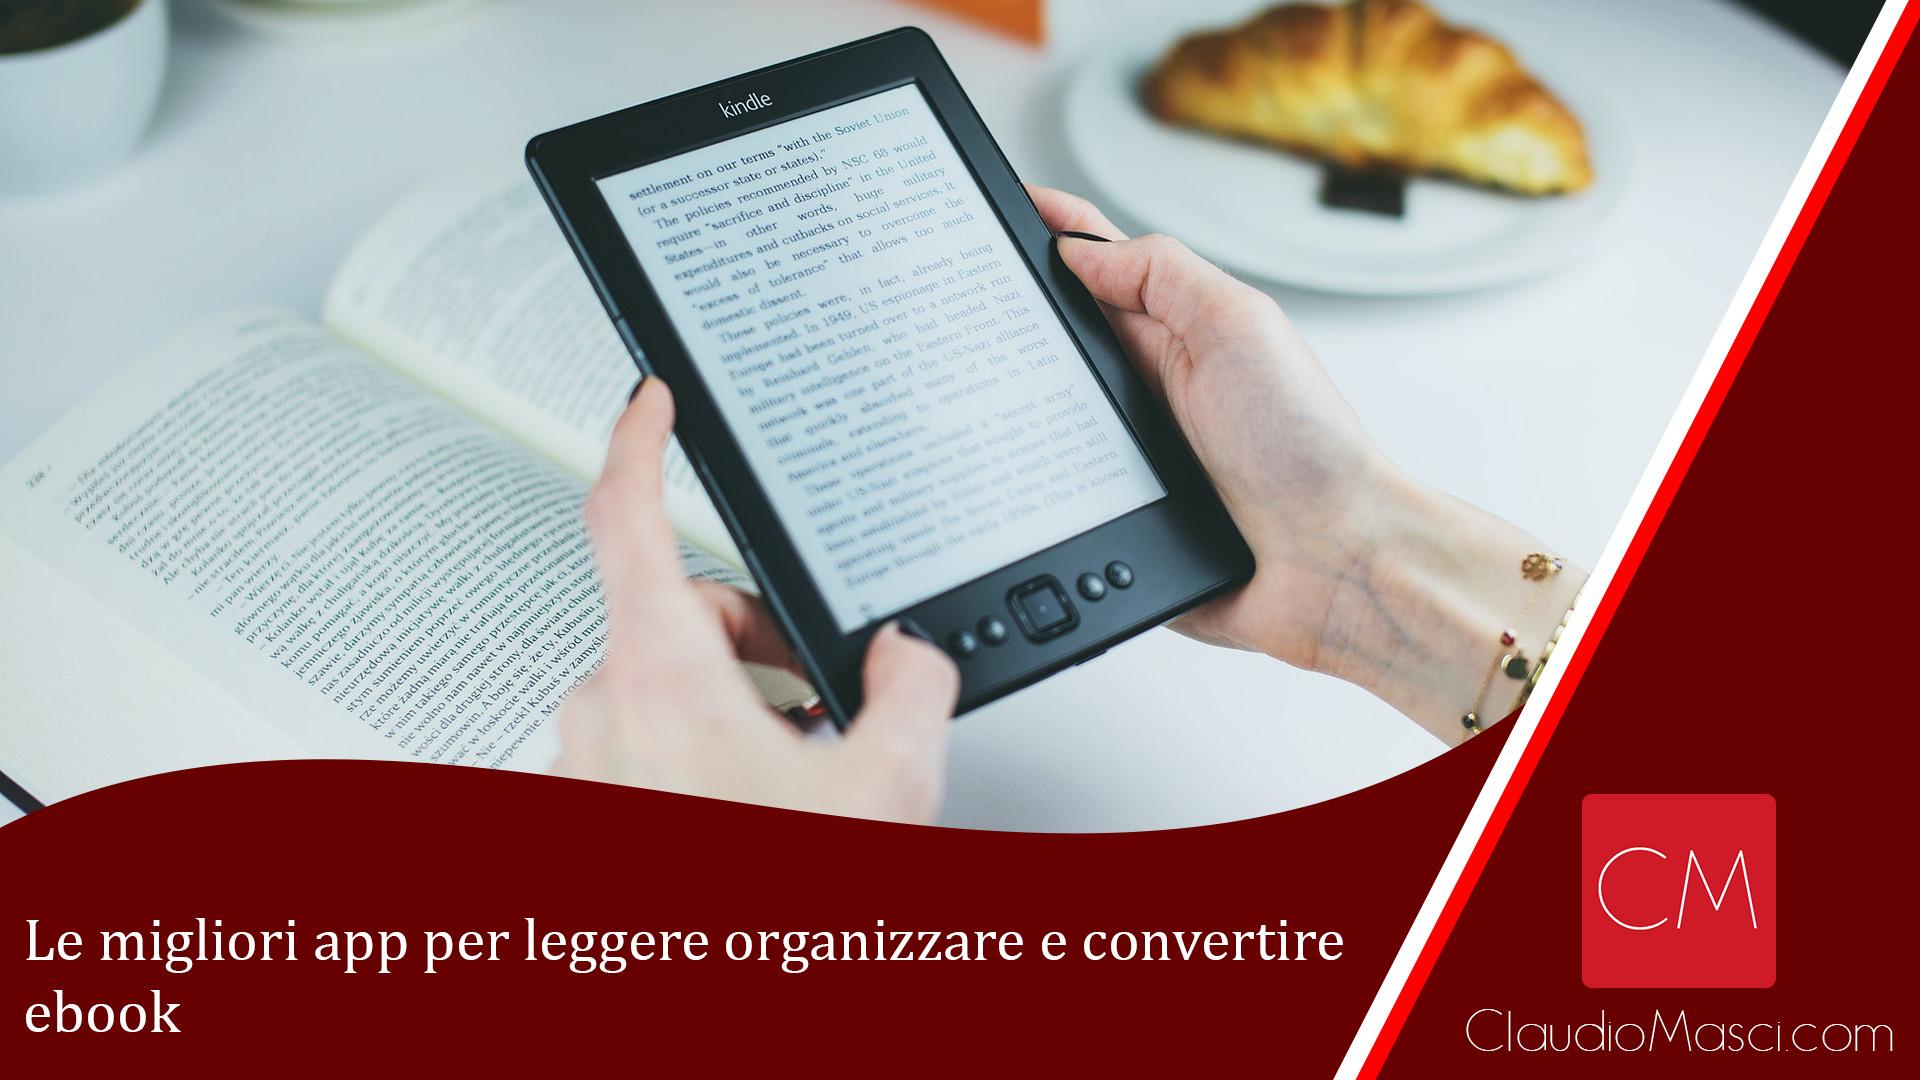 Le migliori app per leggere organizzare e convertire ebook